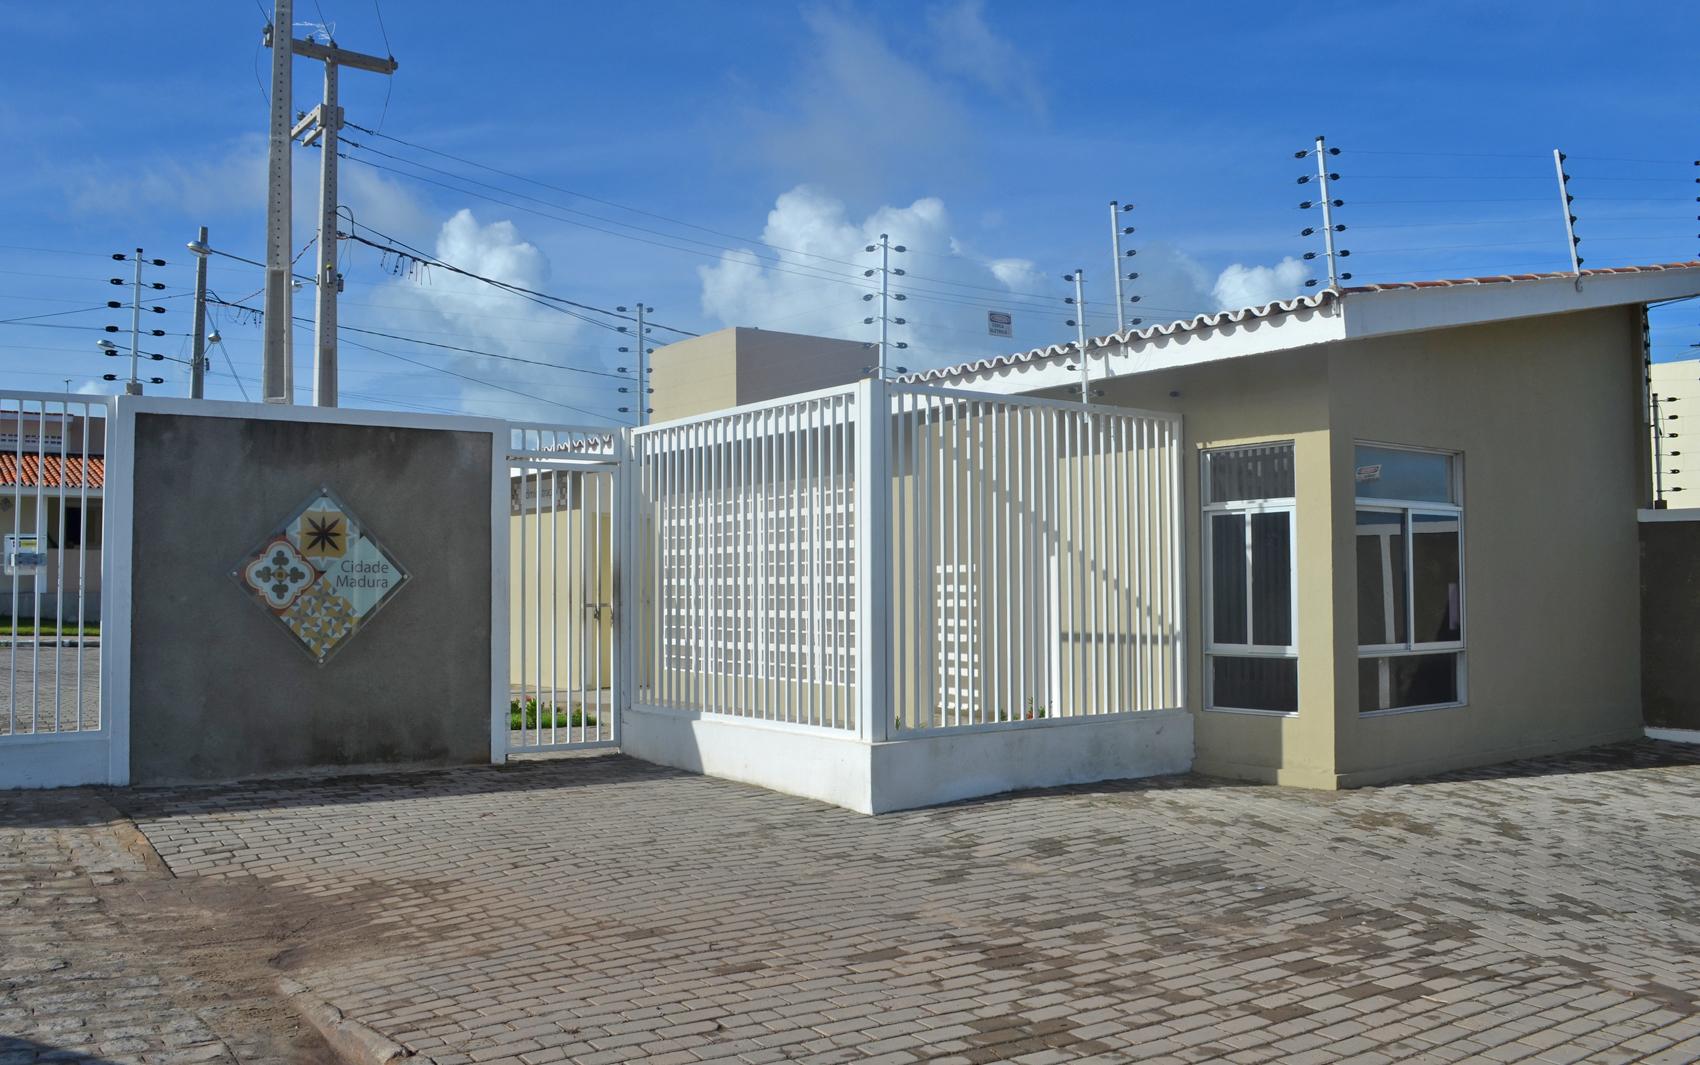 Entrada do condomínio Cidade Madura, em João Pessoa, tem guarita e prédio da administração